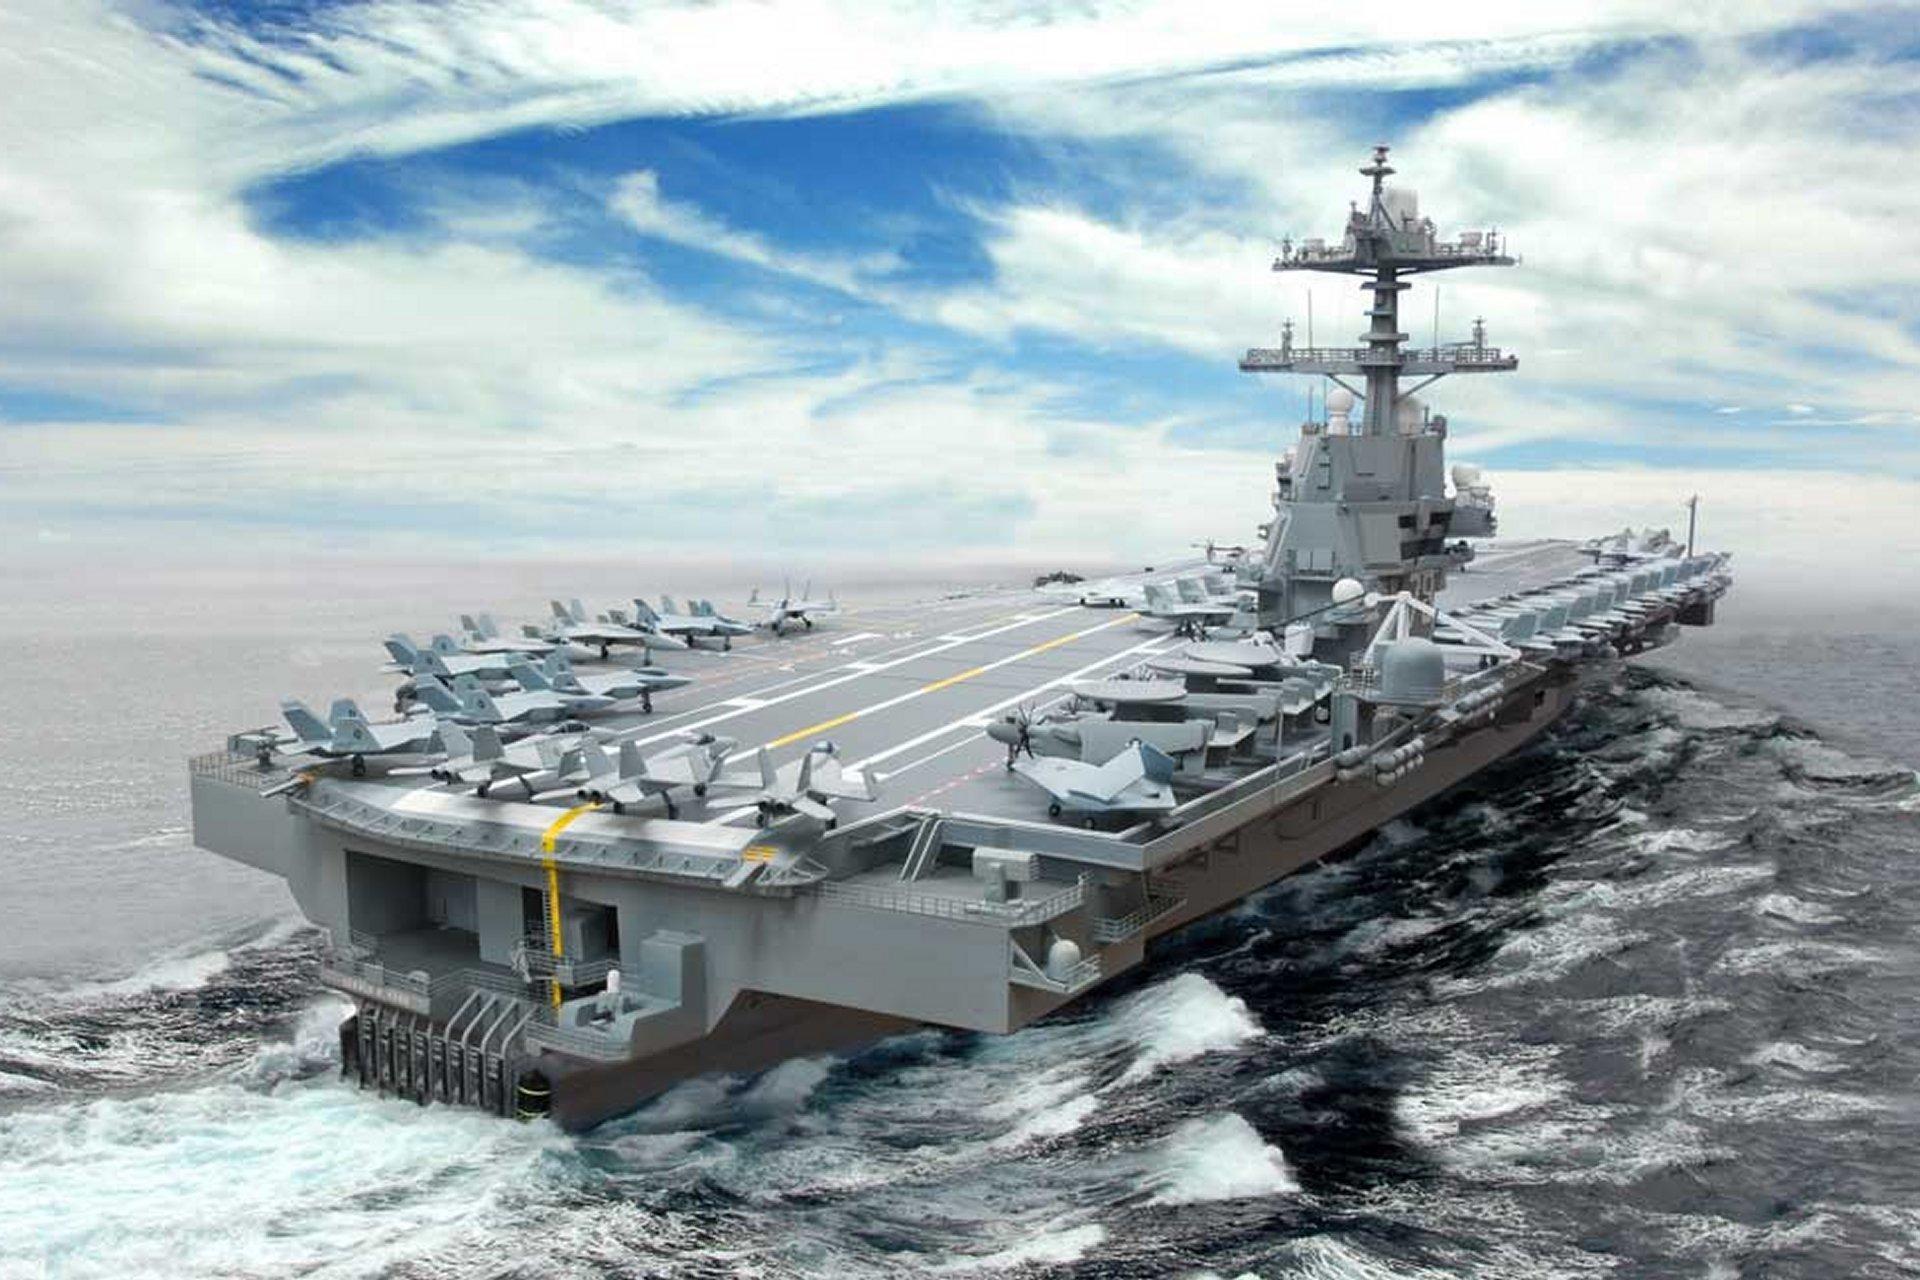 USS-Gerald-Ford-aircraft-carrier-3.jpg